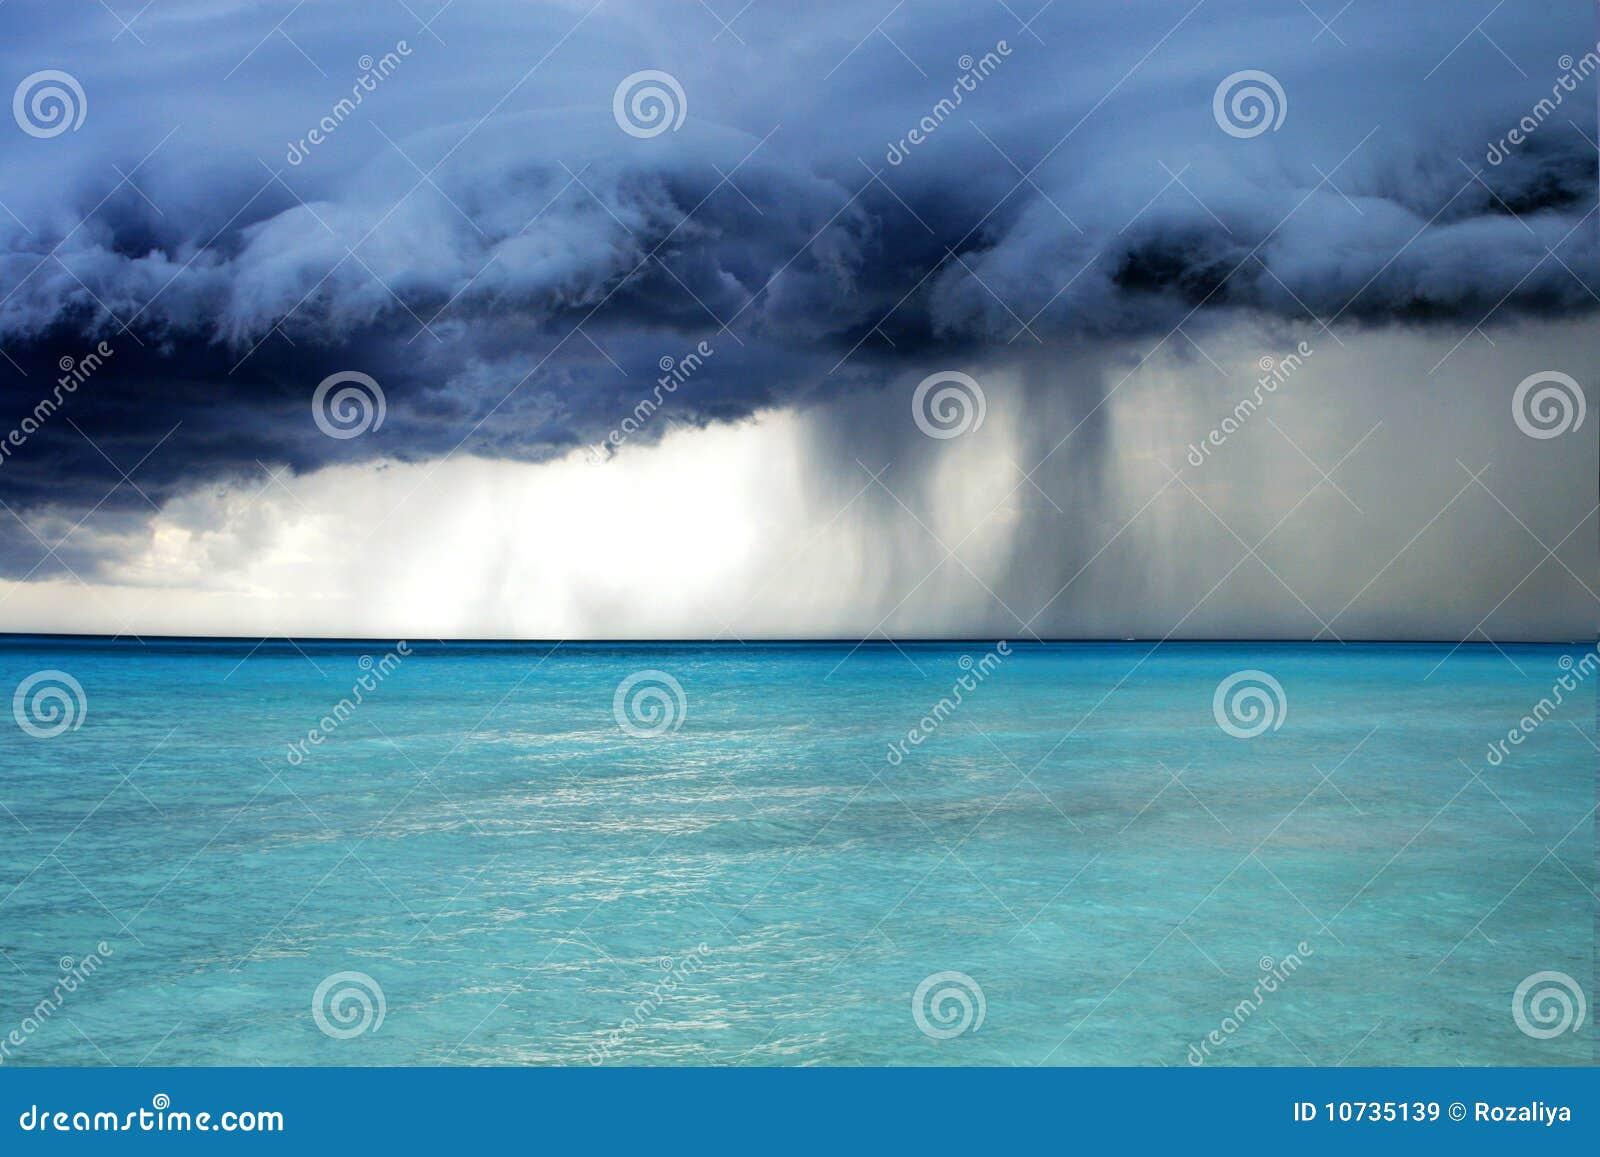 Temps orageux avec la pluie sur la plage